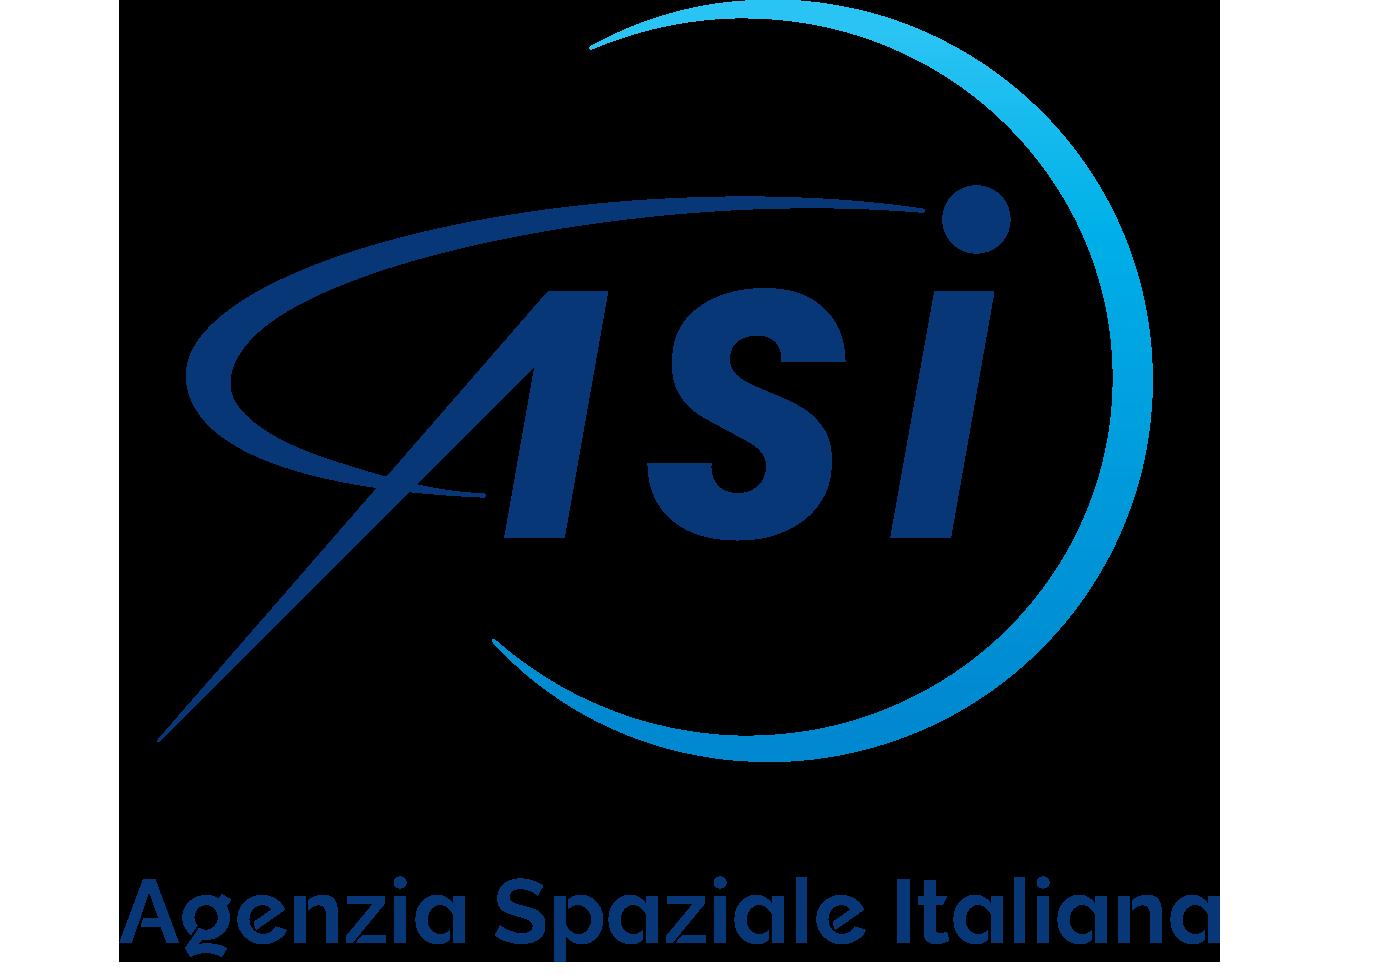 asi4_logo_dicitura_galileo_asi_sotto.png